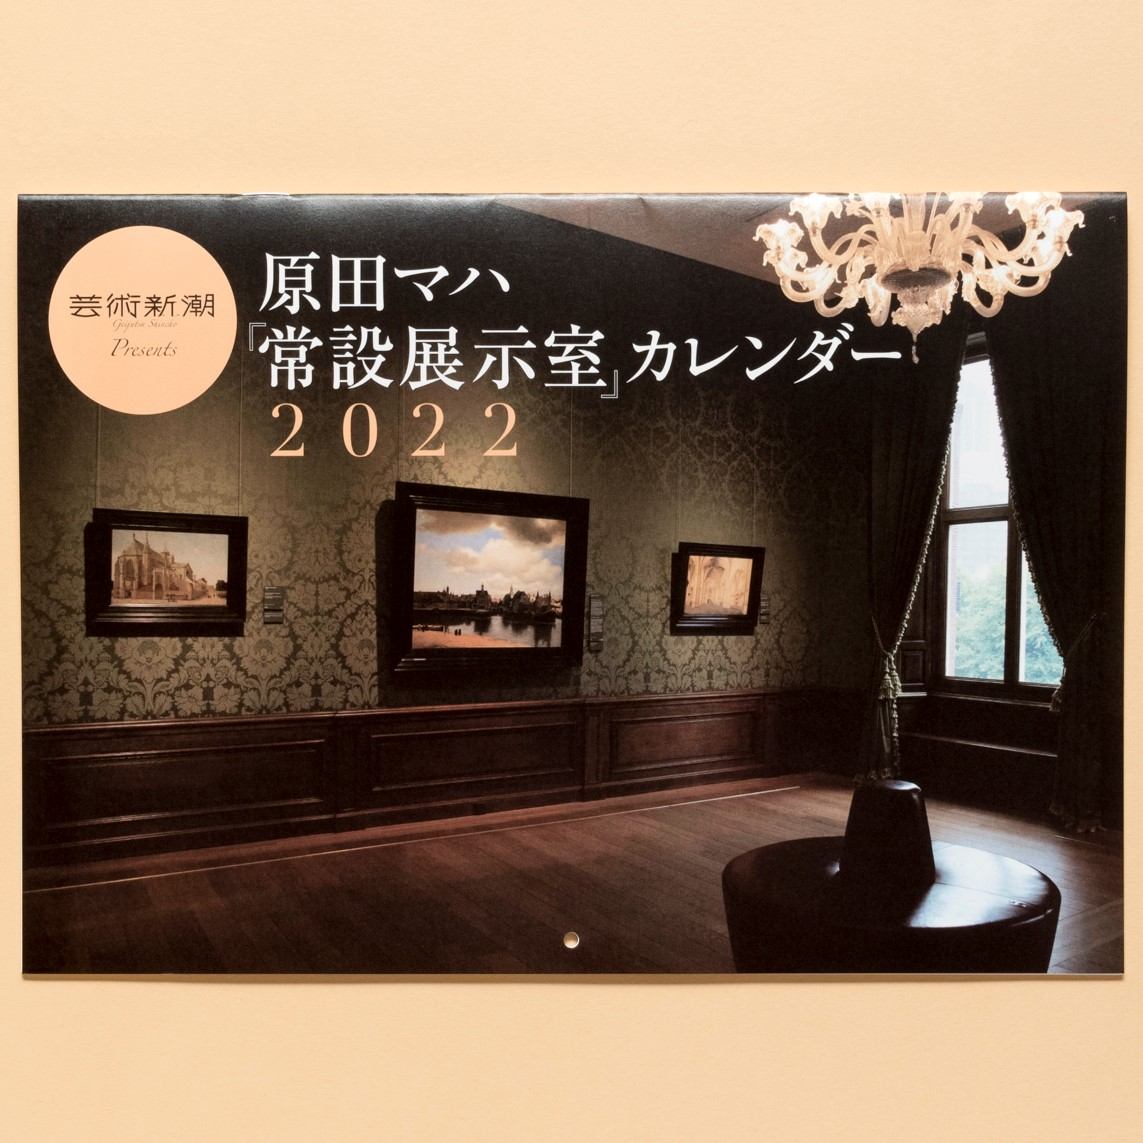 芸術新潮Presents原田マハ 『常設展示室』カレンダー2022